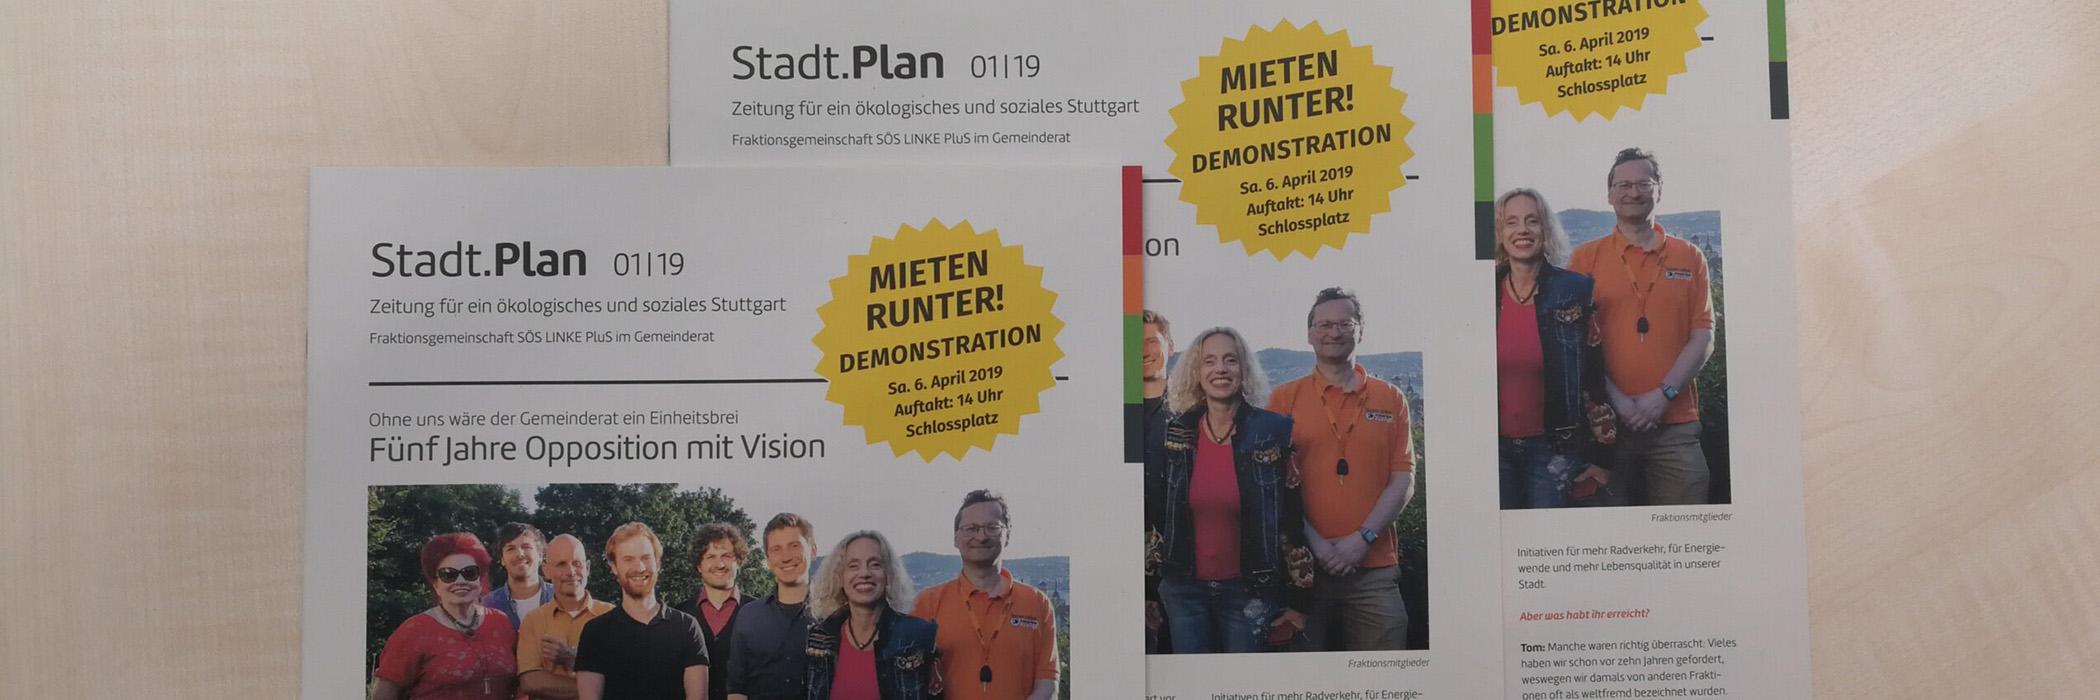 FrAKTION im Gemeinderat Stuttgart